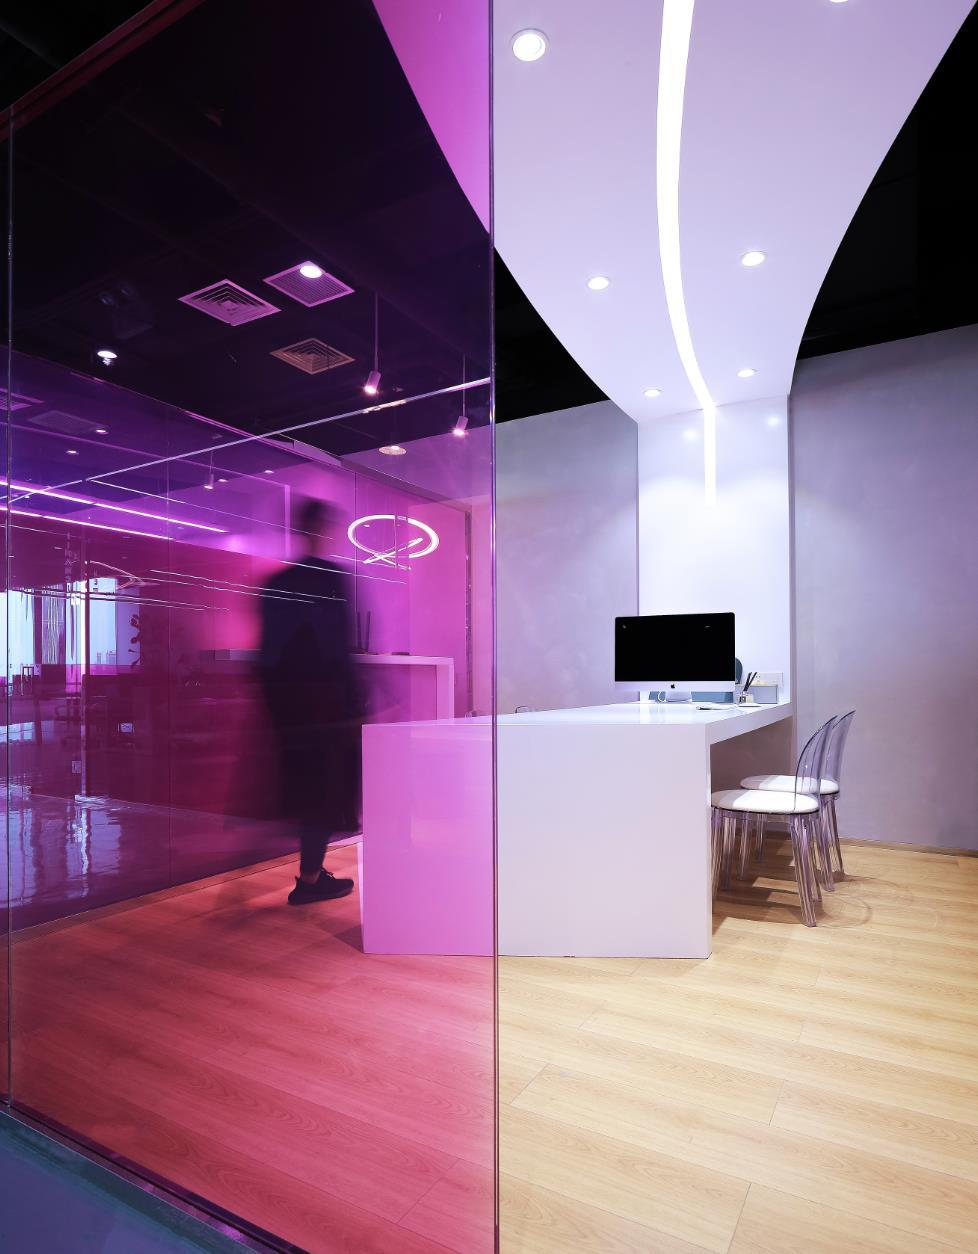 错位,抽象,几何,构成,诉说著一个有颜色的办公空间